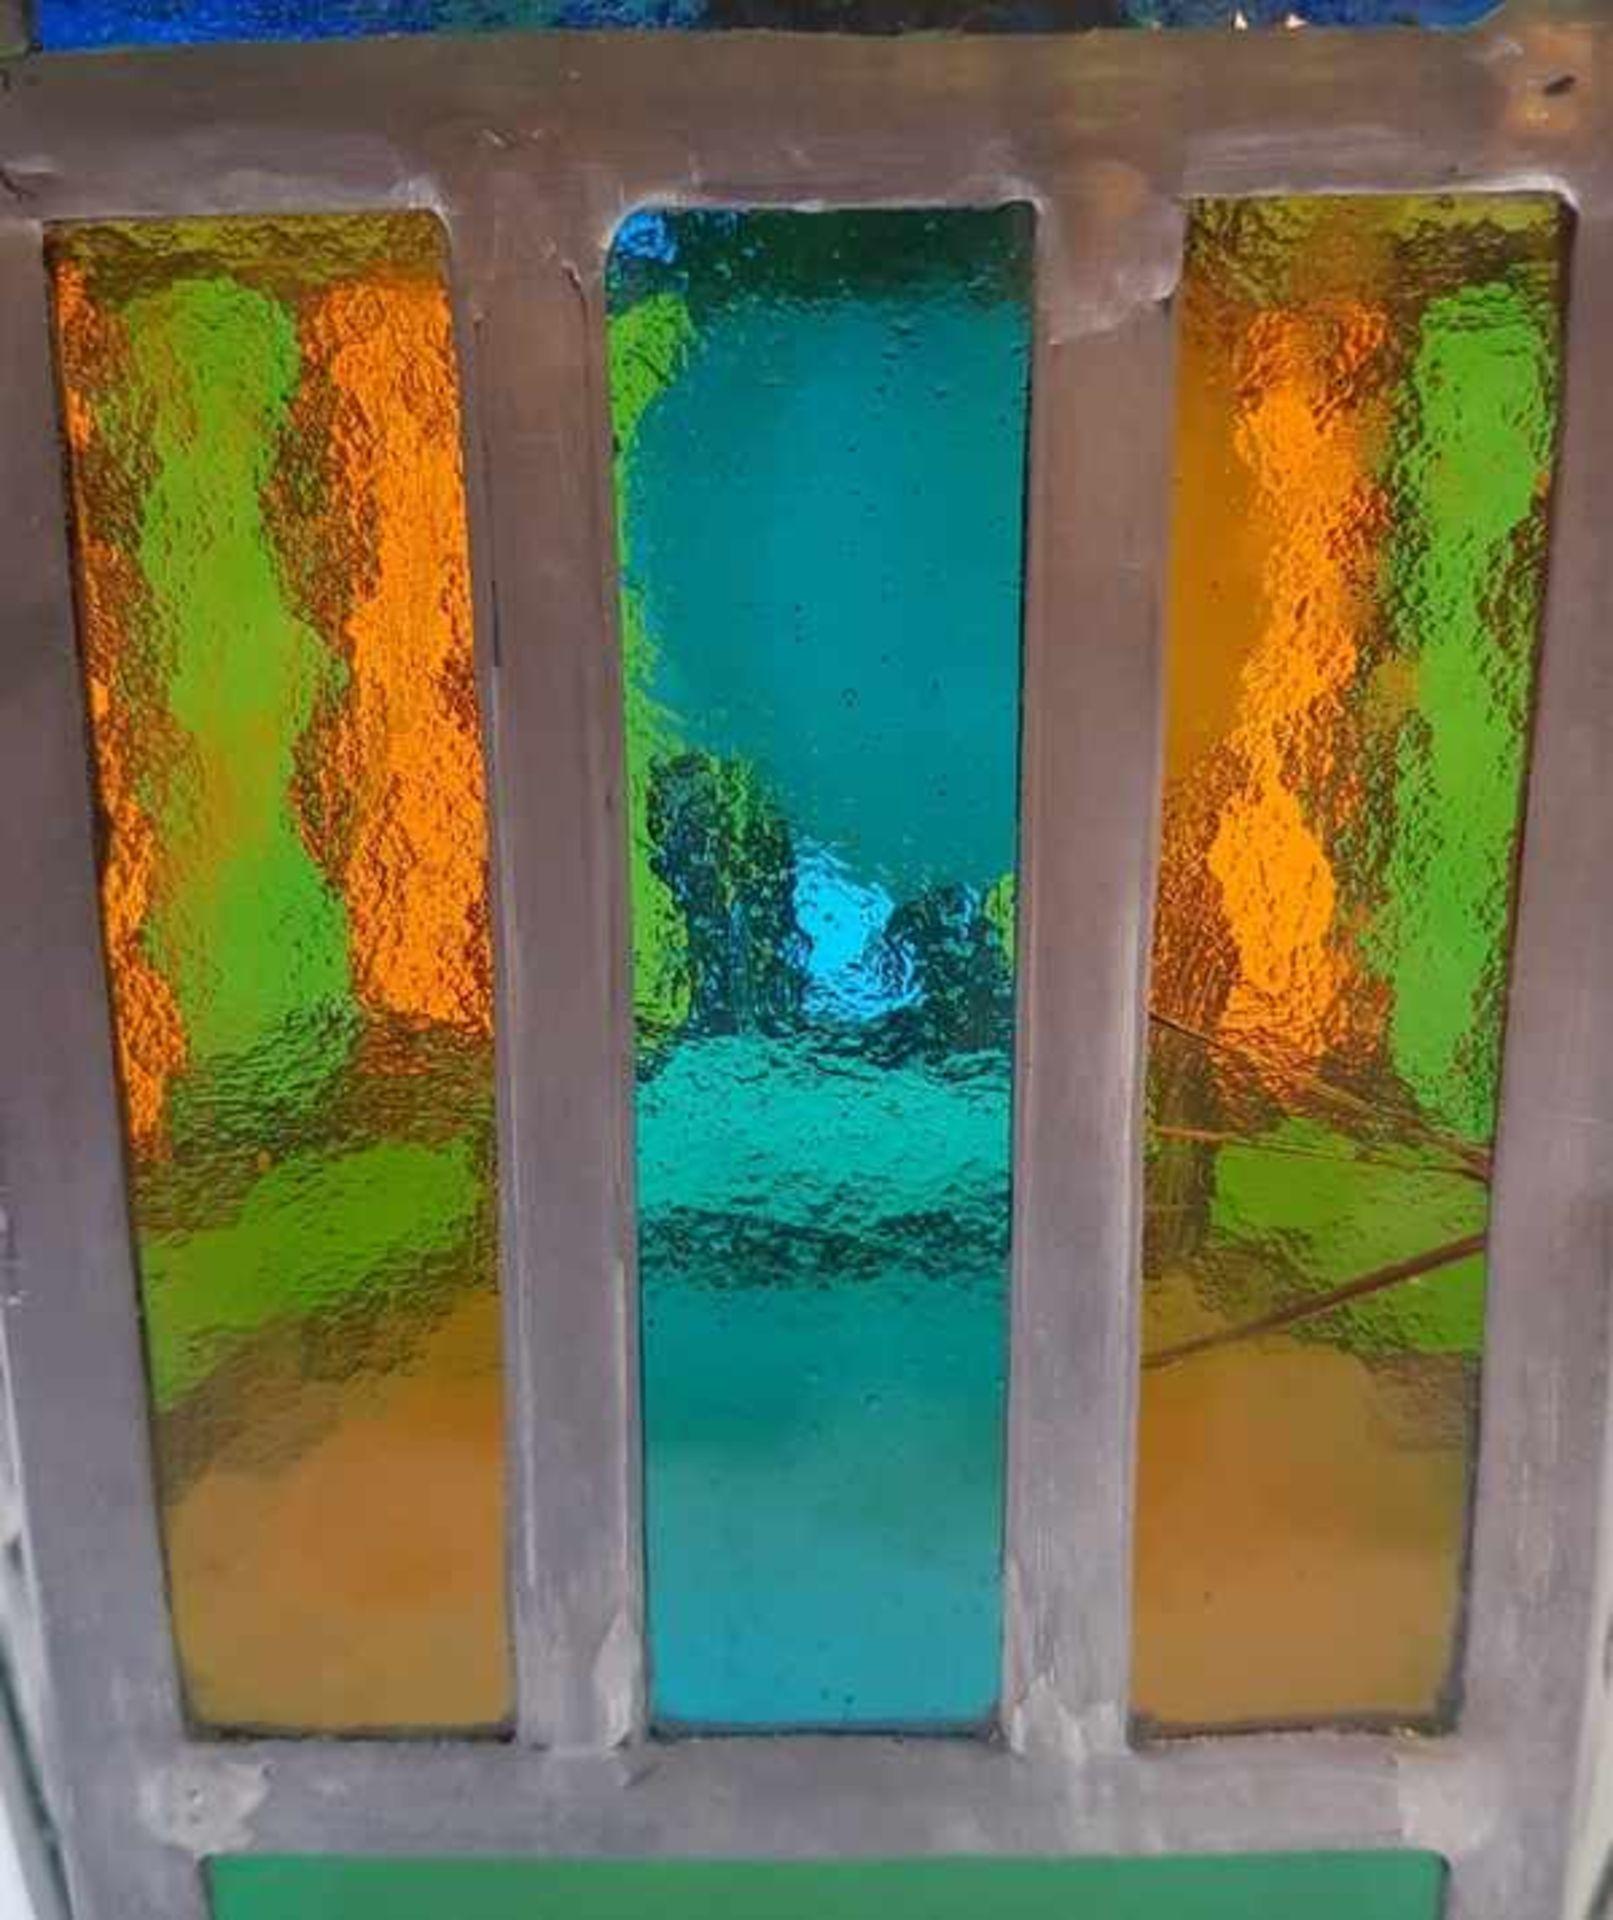 (Curiosa) Lamp glas in lood - Bild 3 aus 6